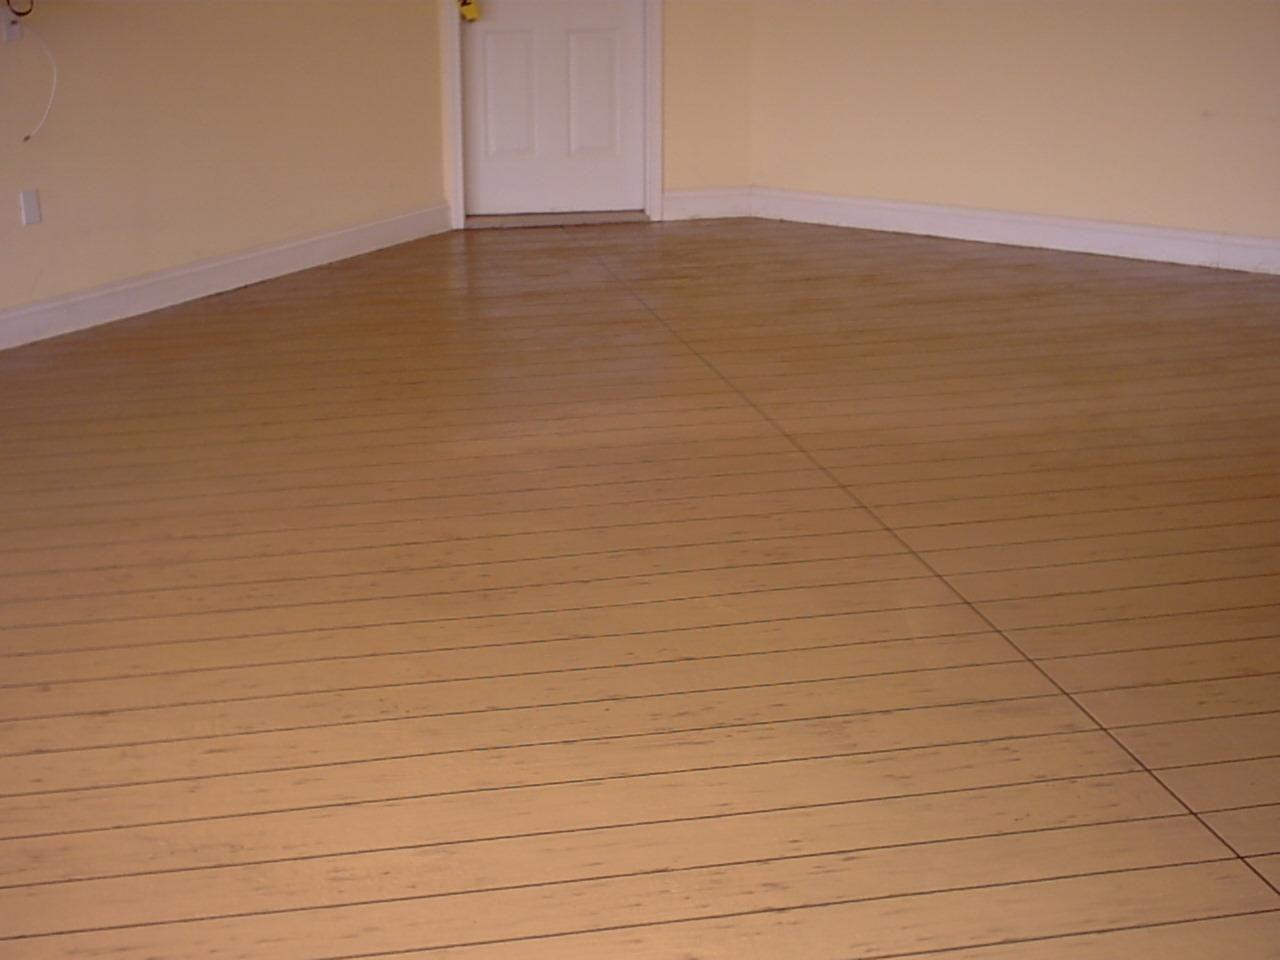 Cti Of Staunton In Va Staunton Concrete Tile Floor